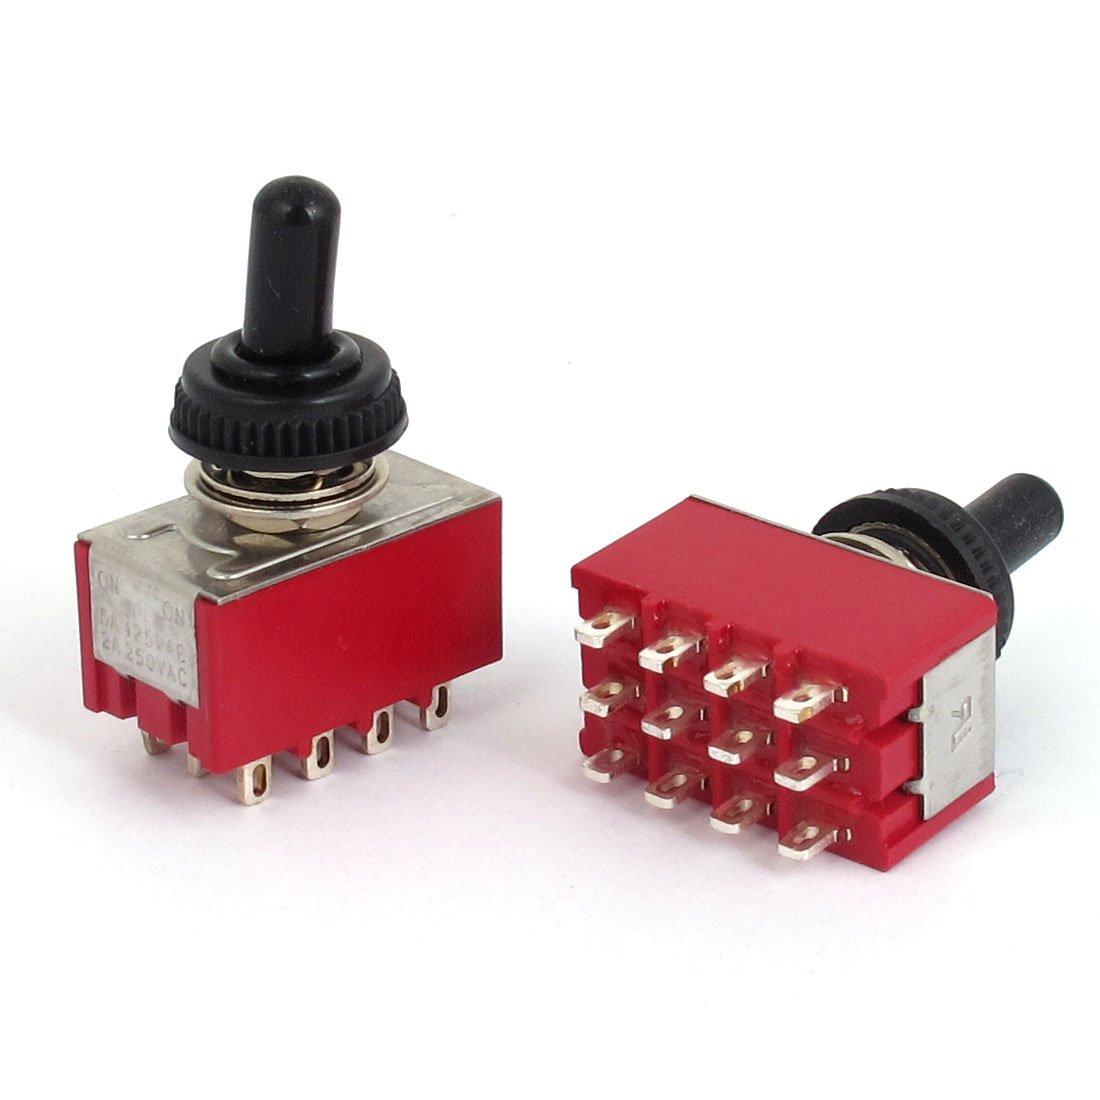 uxcell A15062500ux0242AC 250V 2A 125V 6A on/off/on 4pdt Interrupteur à bascule avec capuchon étanche, 1,3cm de large, 2,2cm de long (lot de 2) 3cm de large 2cm de long (lot de 2)